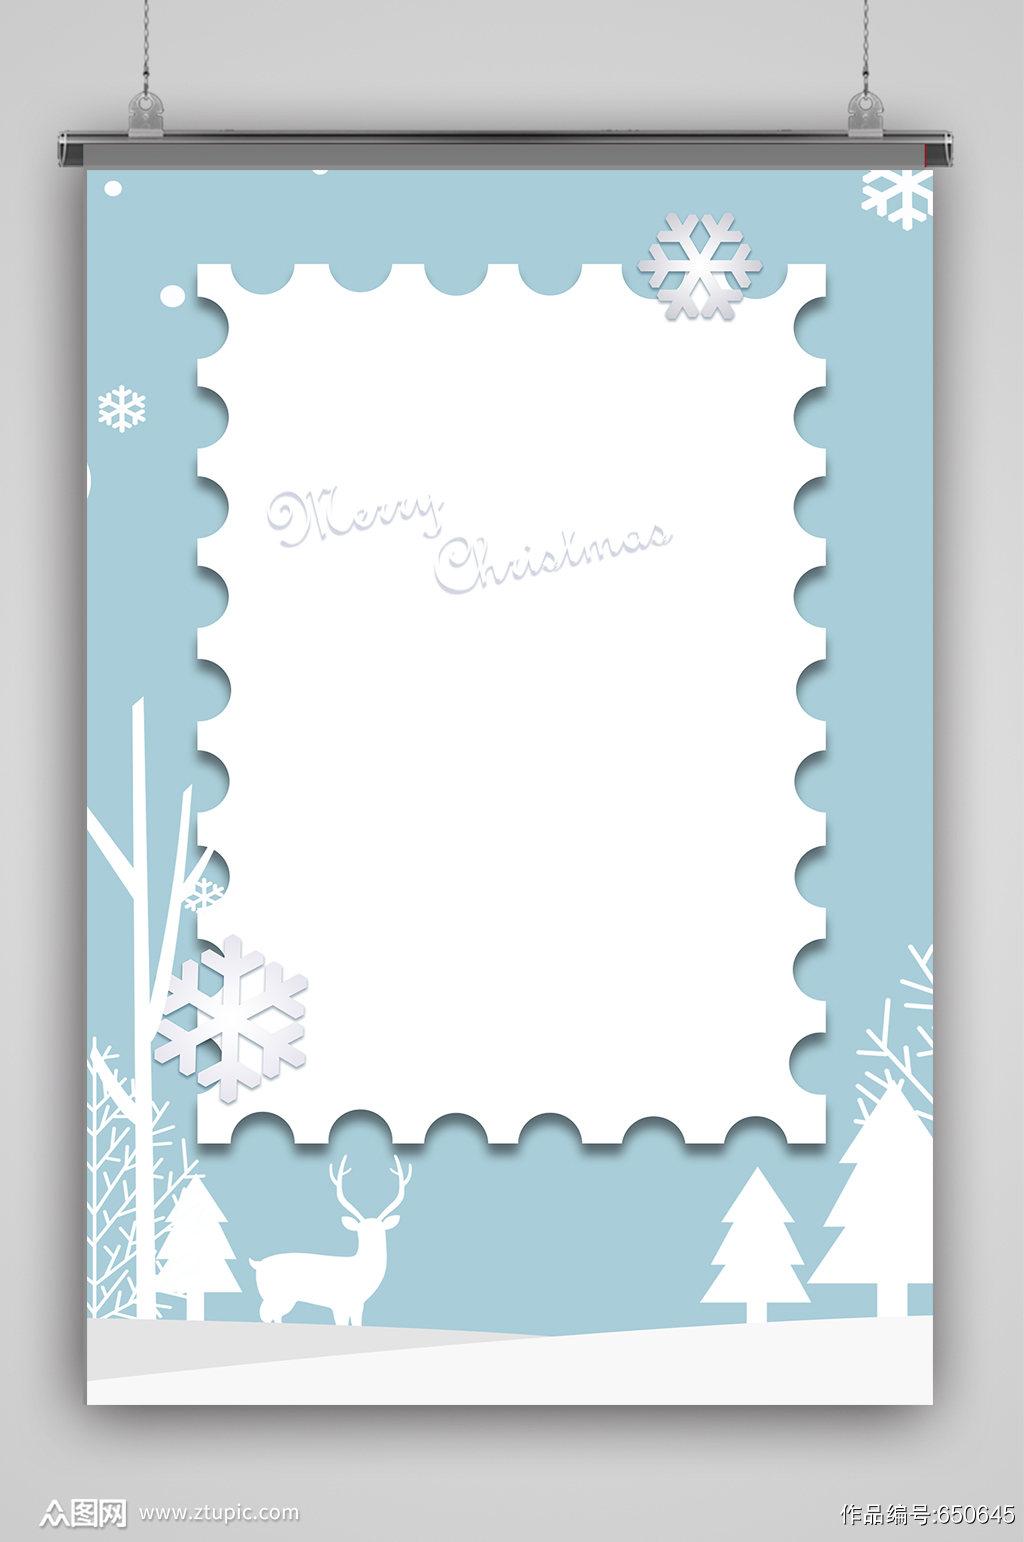 蓝色边框圣诞节海报背景素材